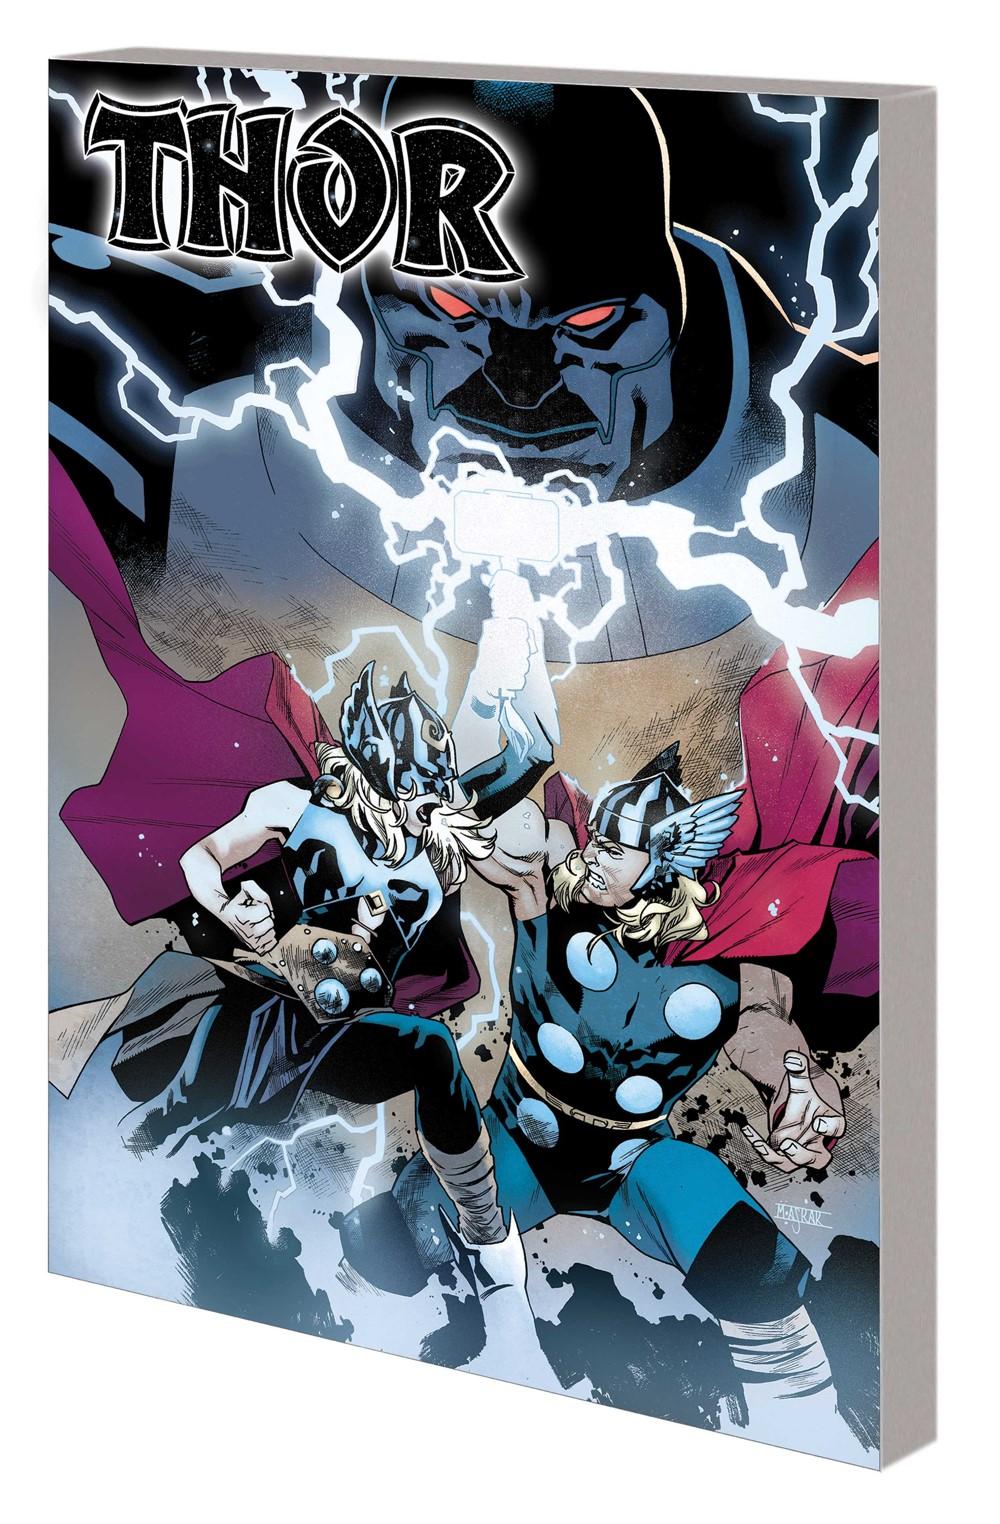 THOR_JA_CC_VOL_4_TPB Marvel Comics September 2021 Solicitations